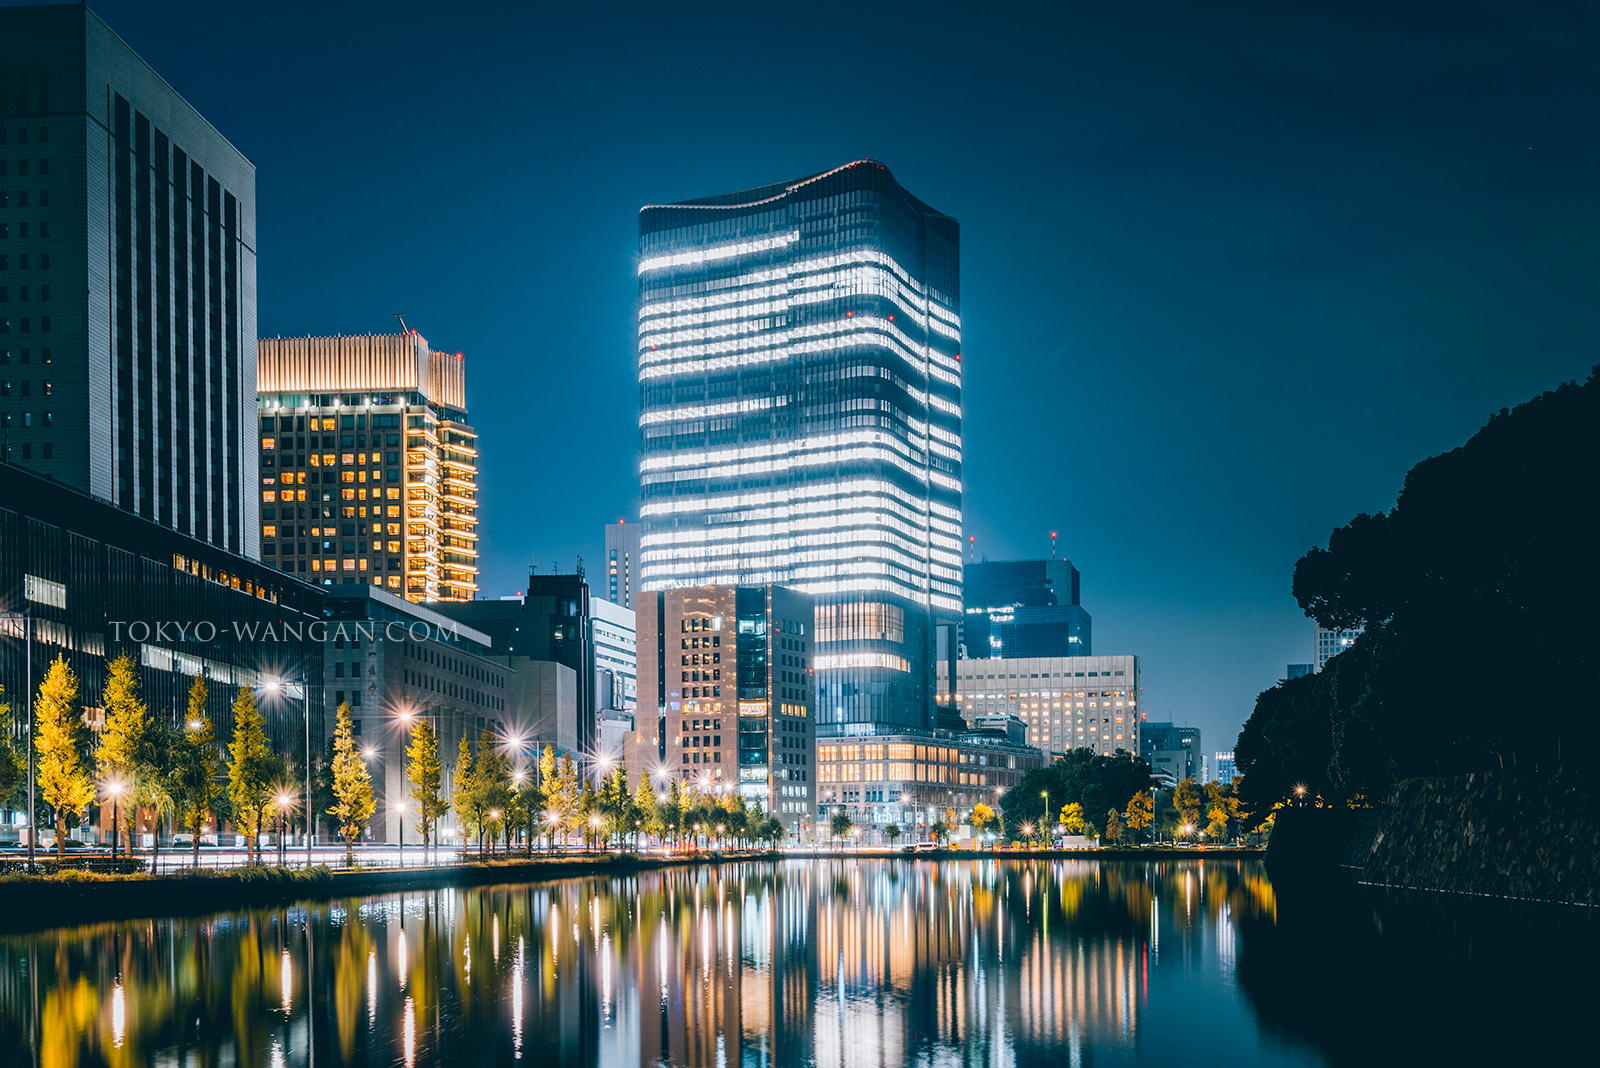 2018年3月29日オープン 東京ミッドタウン日比谷の試験点灯